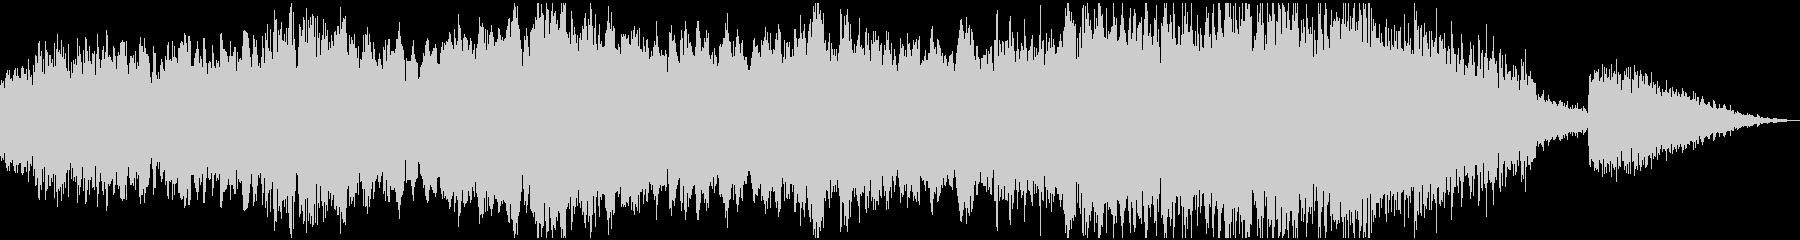 【ダークアンビエント】 占拠の未再生の波形